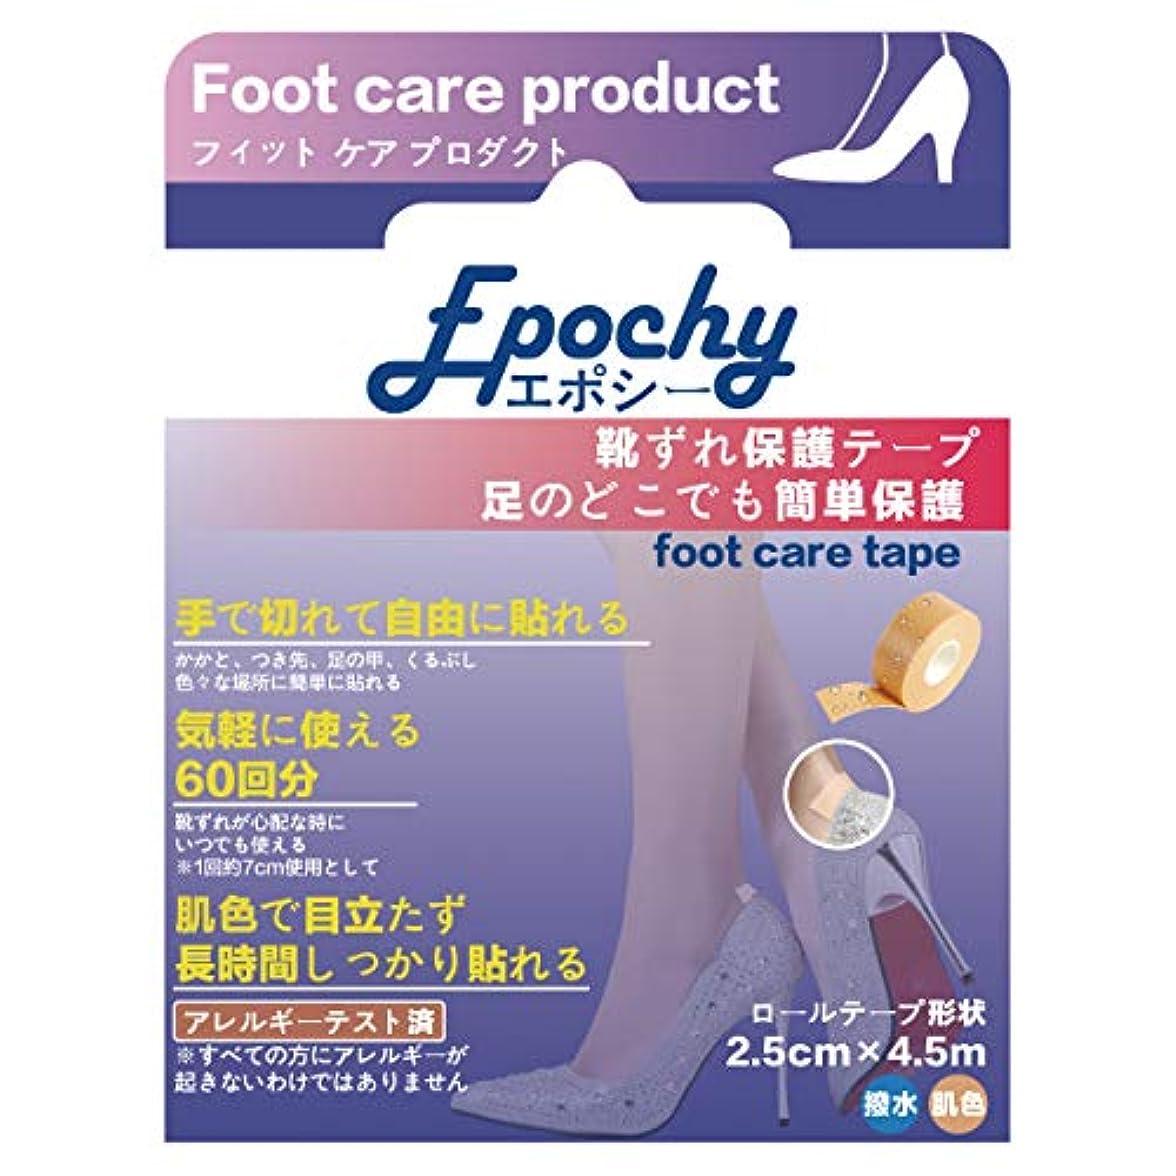 に変わる暴露する歴史エポシー™ 靴ずれ保護テープ 4.5M ロールテープ形状 強力 透明 肌用 皮膚に優しい 汗や水にも強い